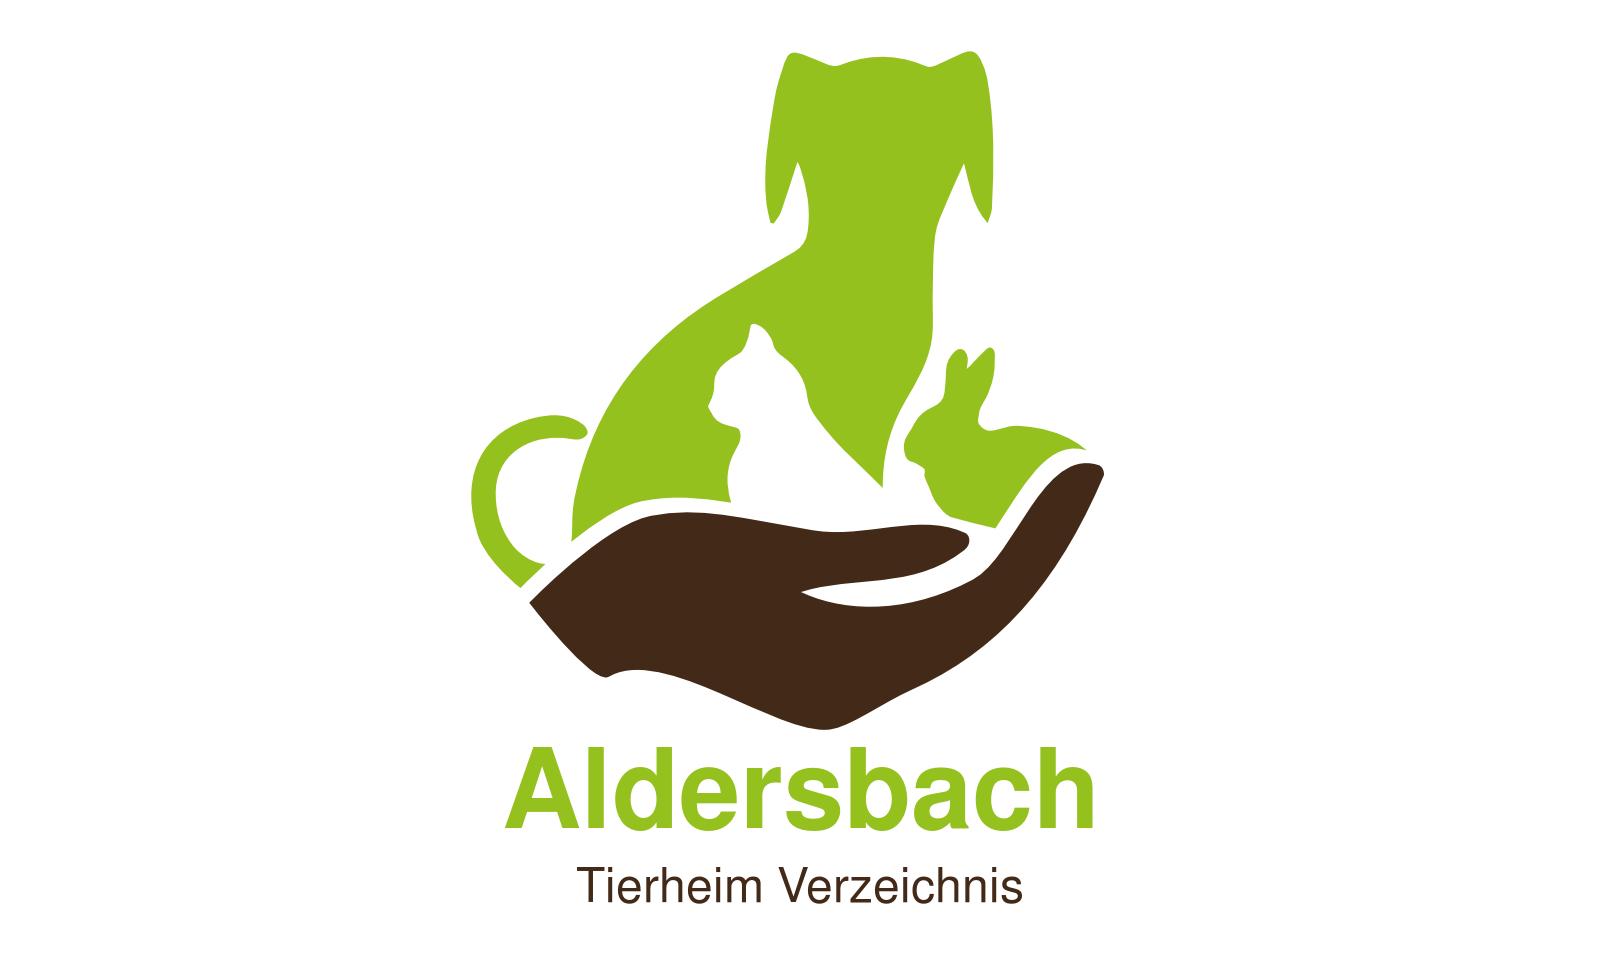 Tierheim Aldersbach